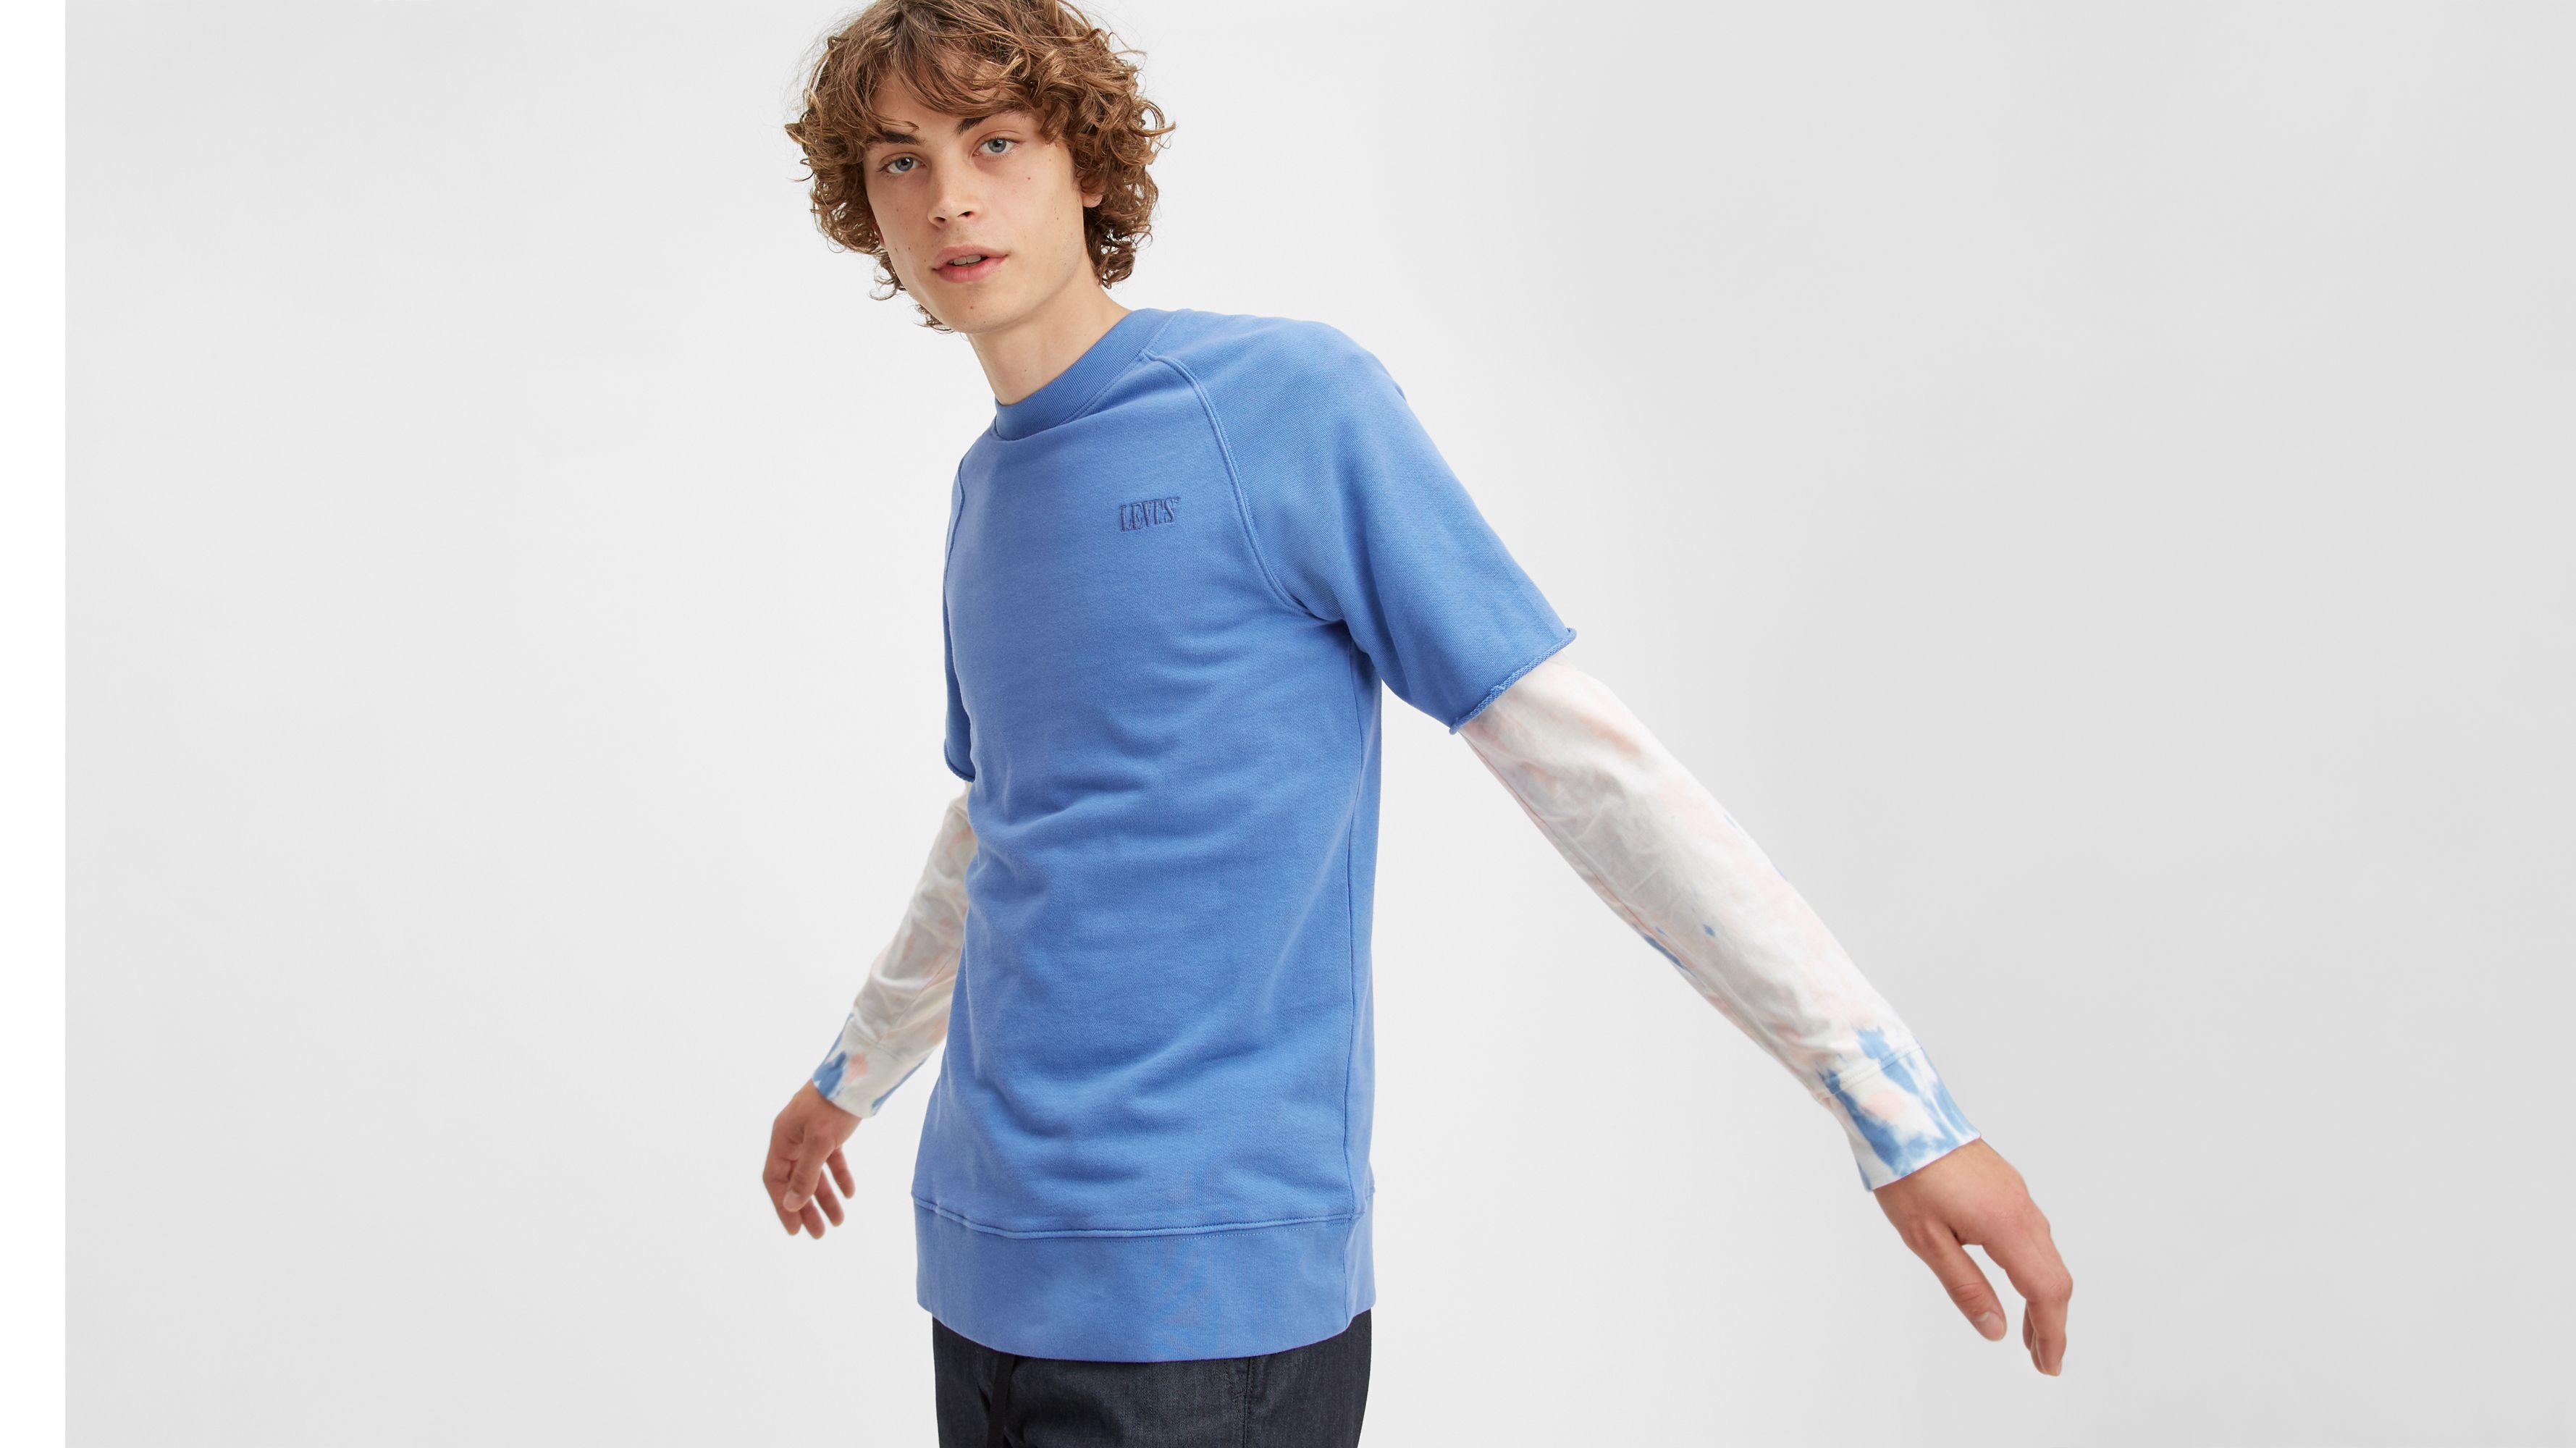 Cutoff Crewneck Sweatshirt